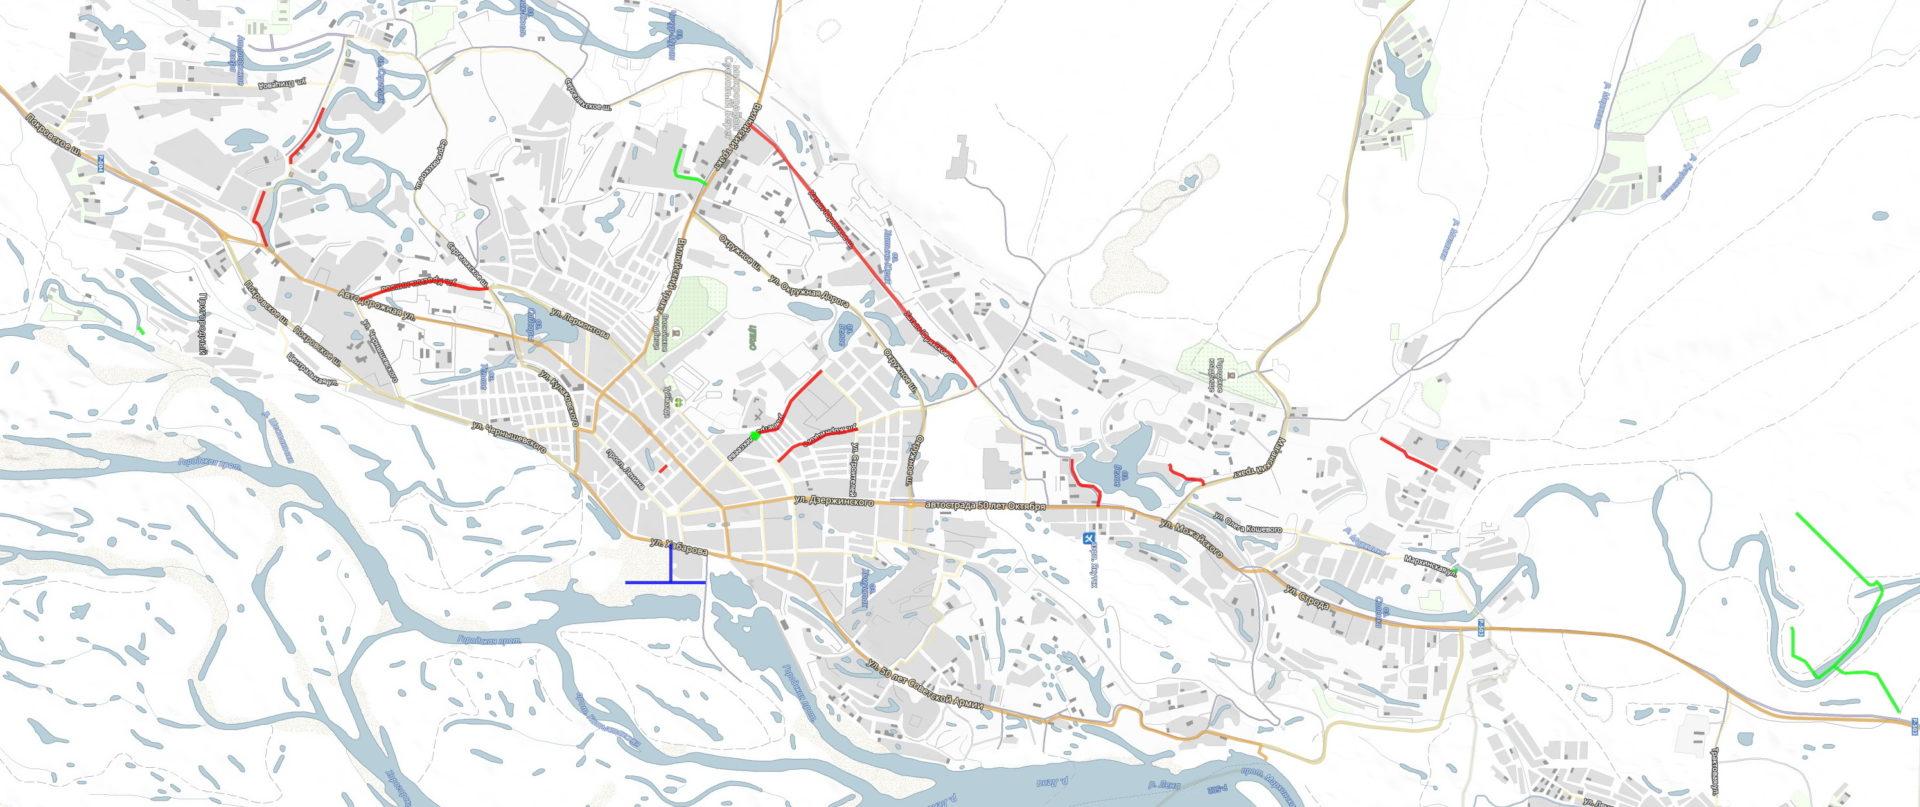 В 2019 году в Якутске отремонтируют 23 километра дорог и построят три мостовых перехода